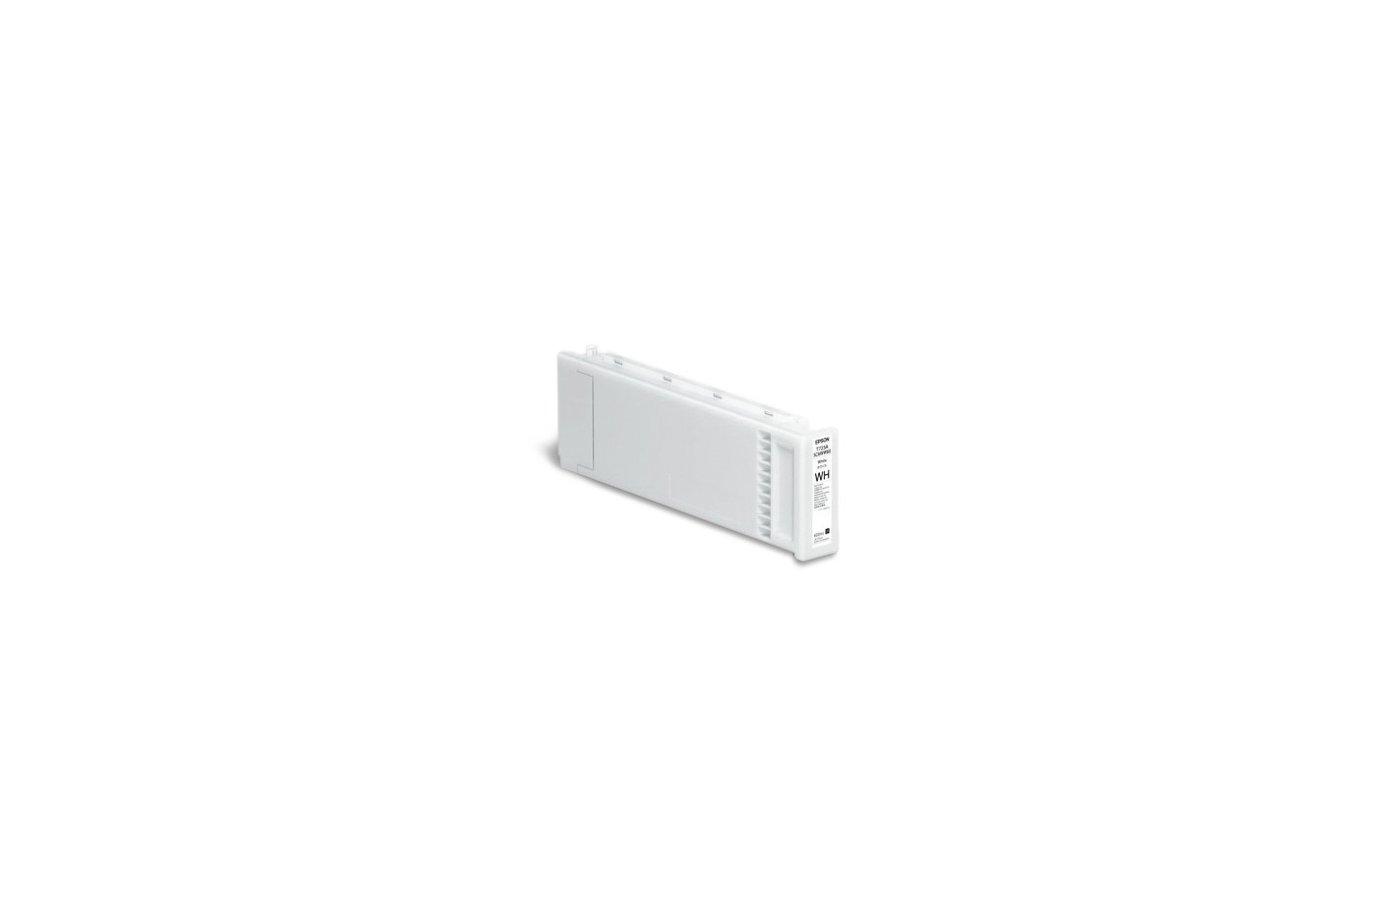 Картридж струйный Epson C13T725A00 картридж UltraChrome DG White белый